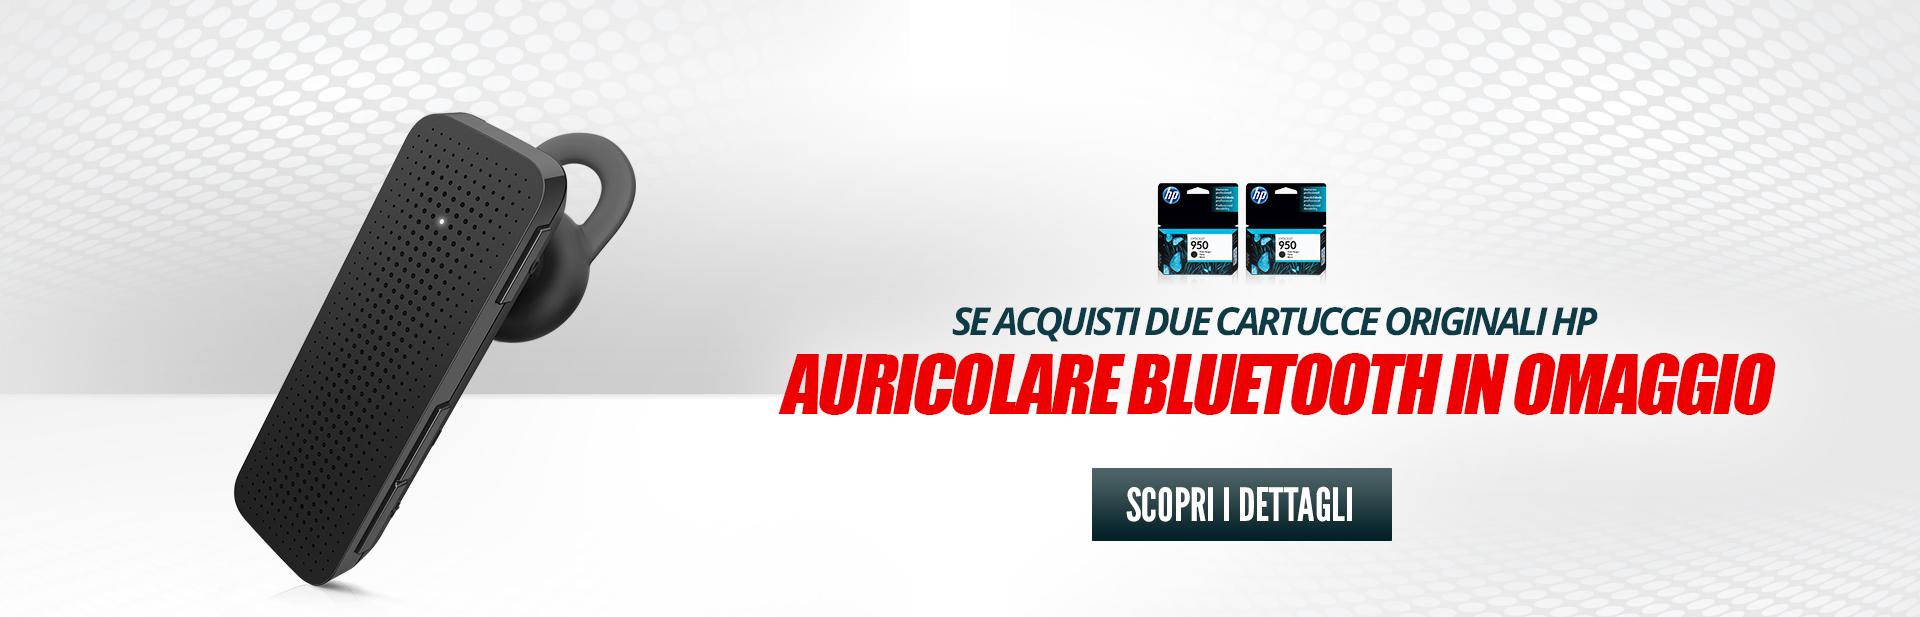 auricolare-bluetooth-in-omaggio-con-cartucce-HP-da-Prink-SL